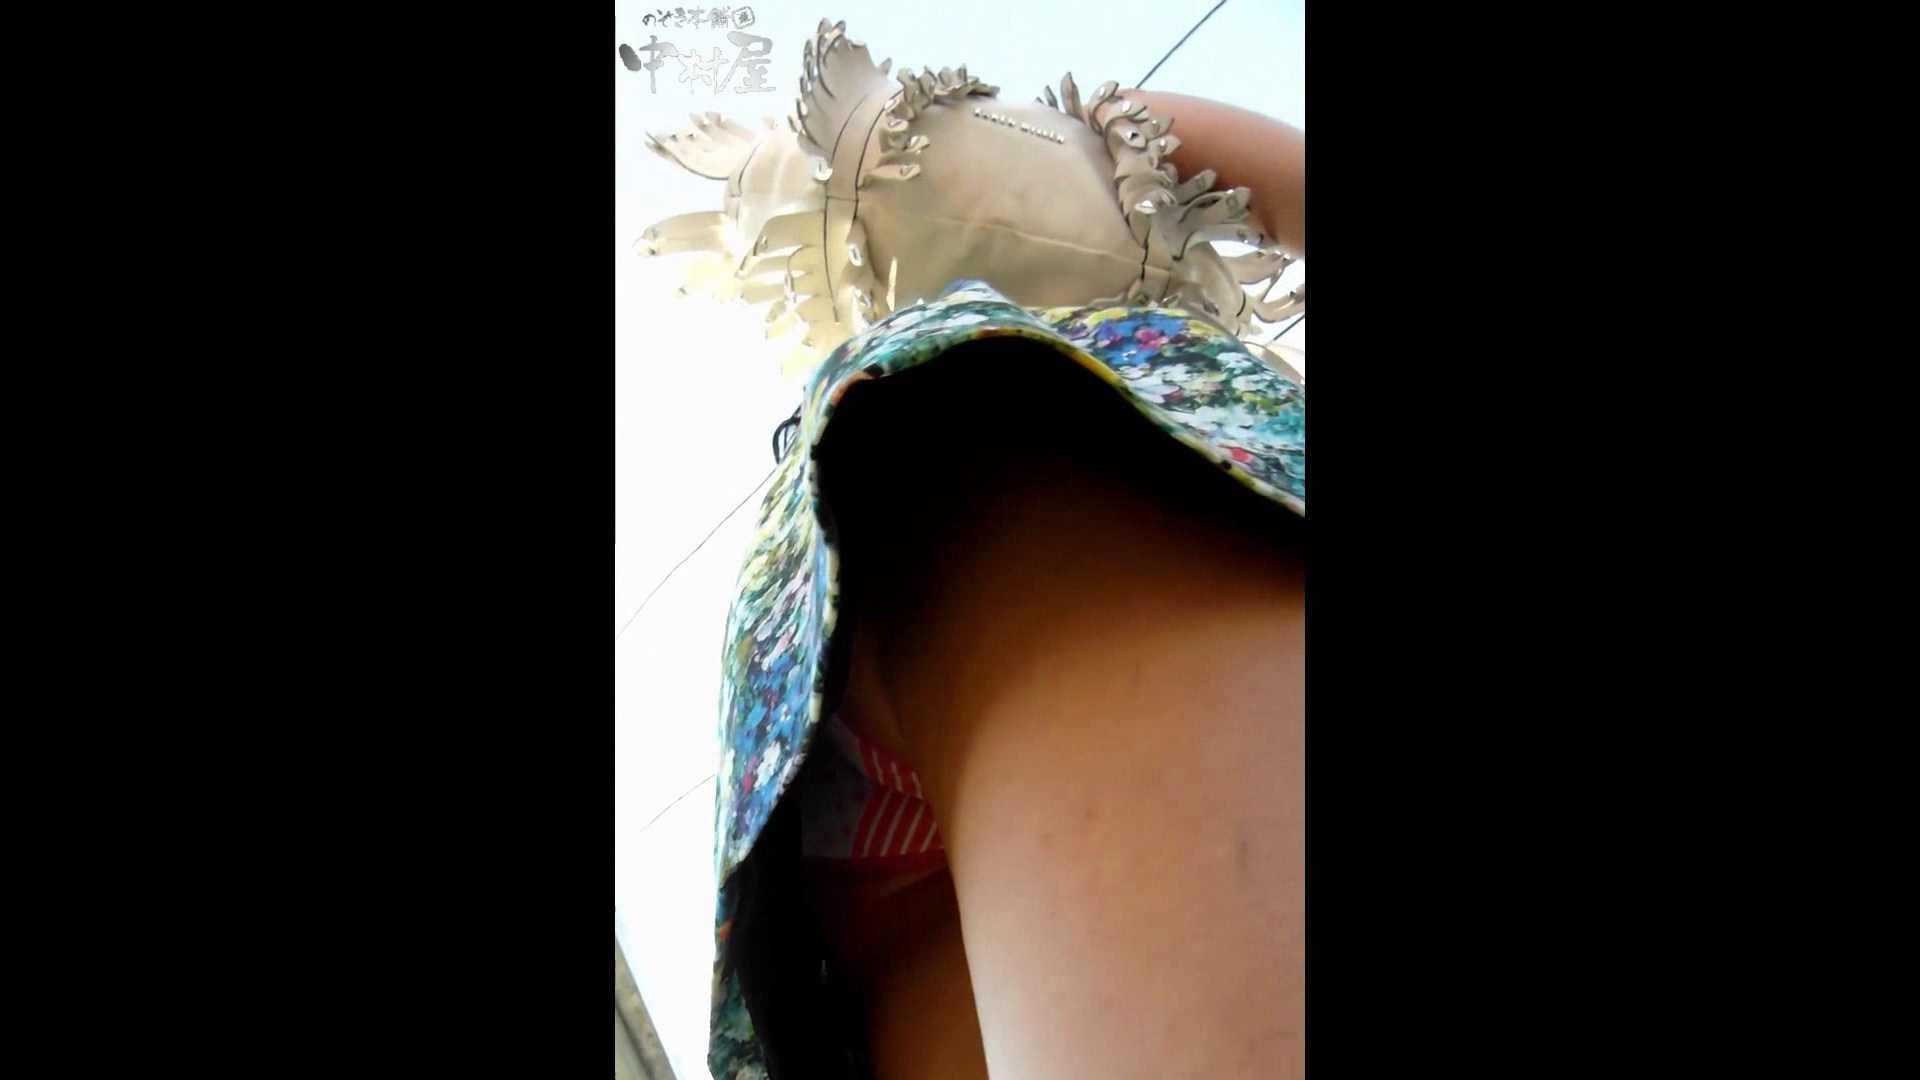 綺麗なモデルさんのスカート捲っちゃおう‼ vol16 モデル | 美しいOLの裸体  76pic 1